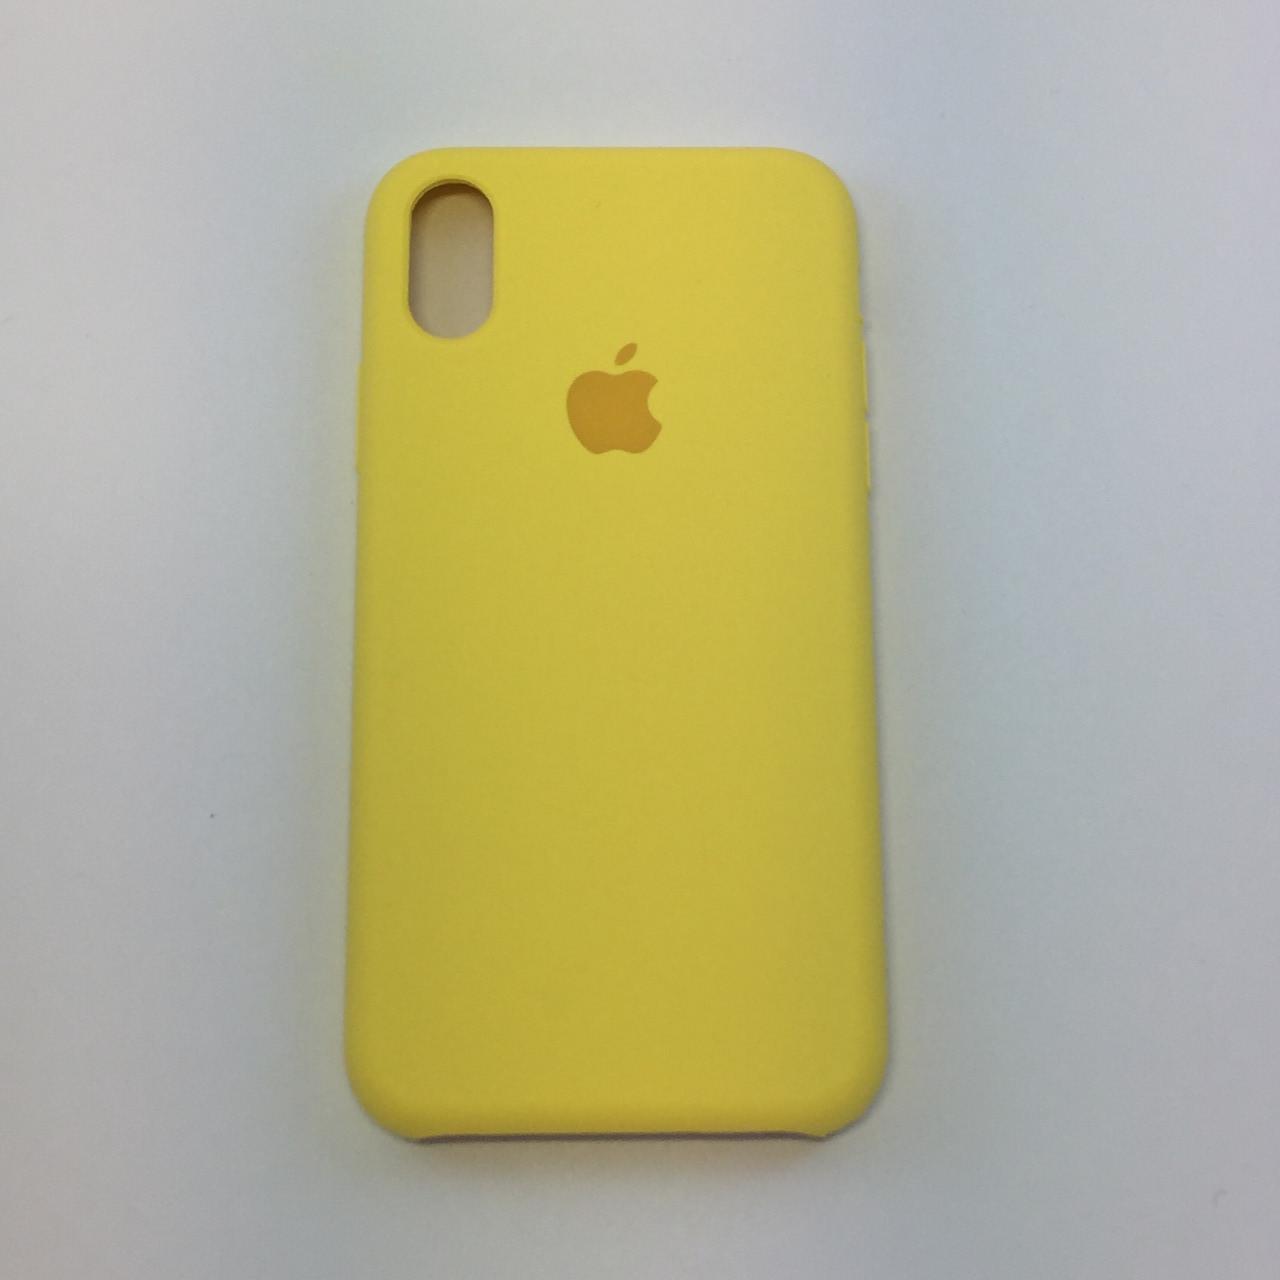 """Чехол - Silicon Case для iPhone """"Холодный лимонад - №4"""" - copy orig."""